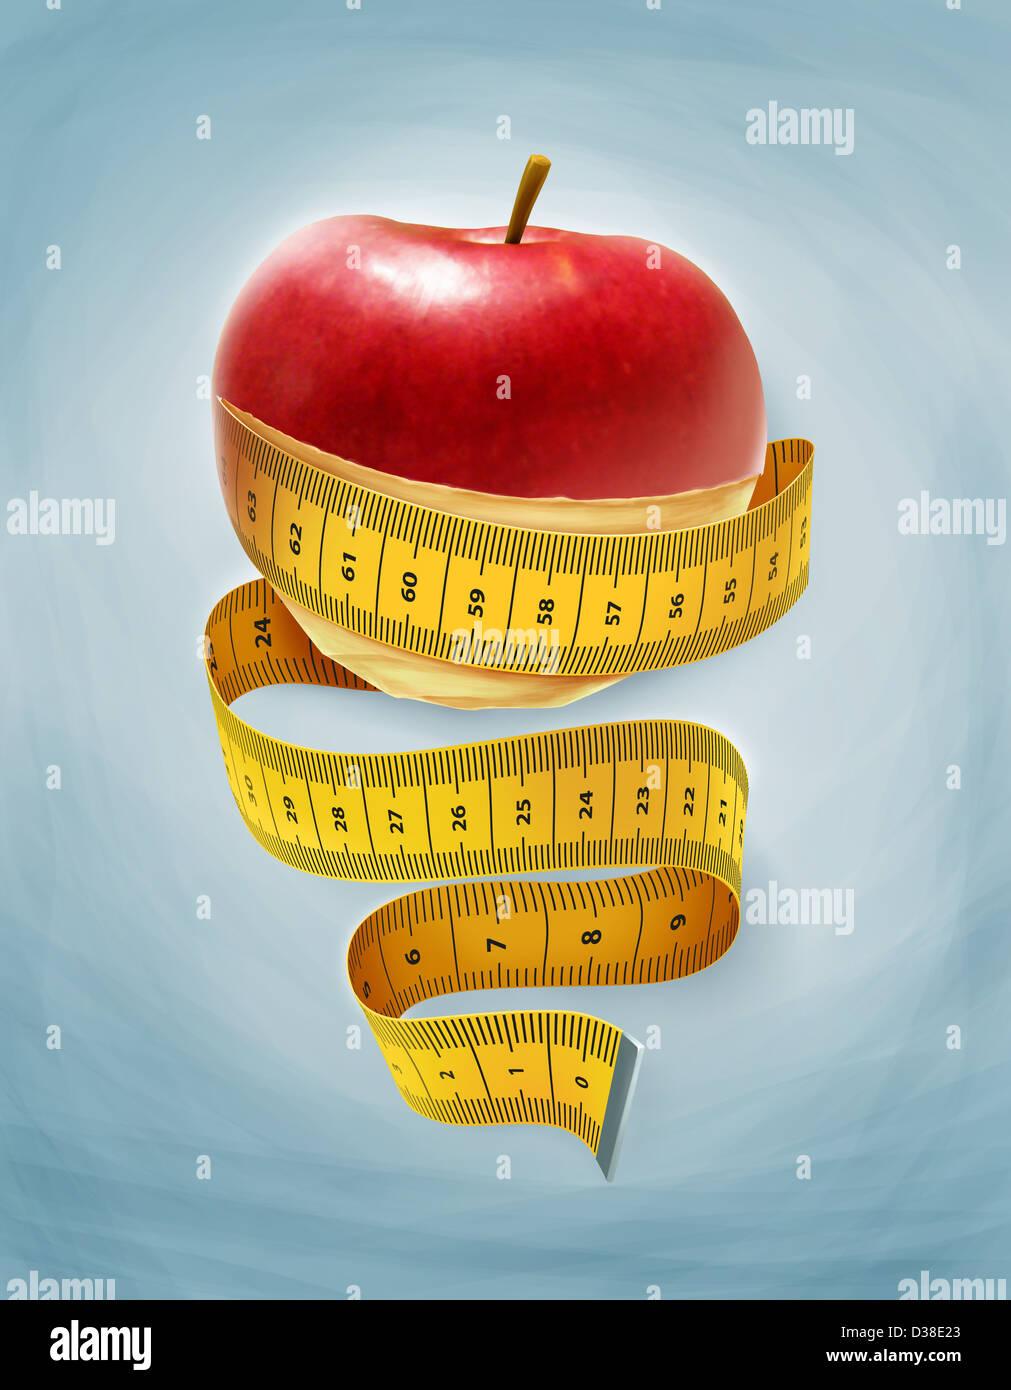 Imagen ilustrativa de una manzana envuelta con cinta métrica representando a dieta Foto de stock